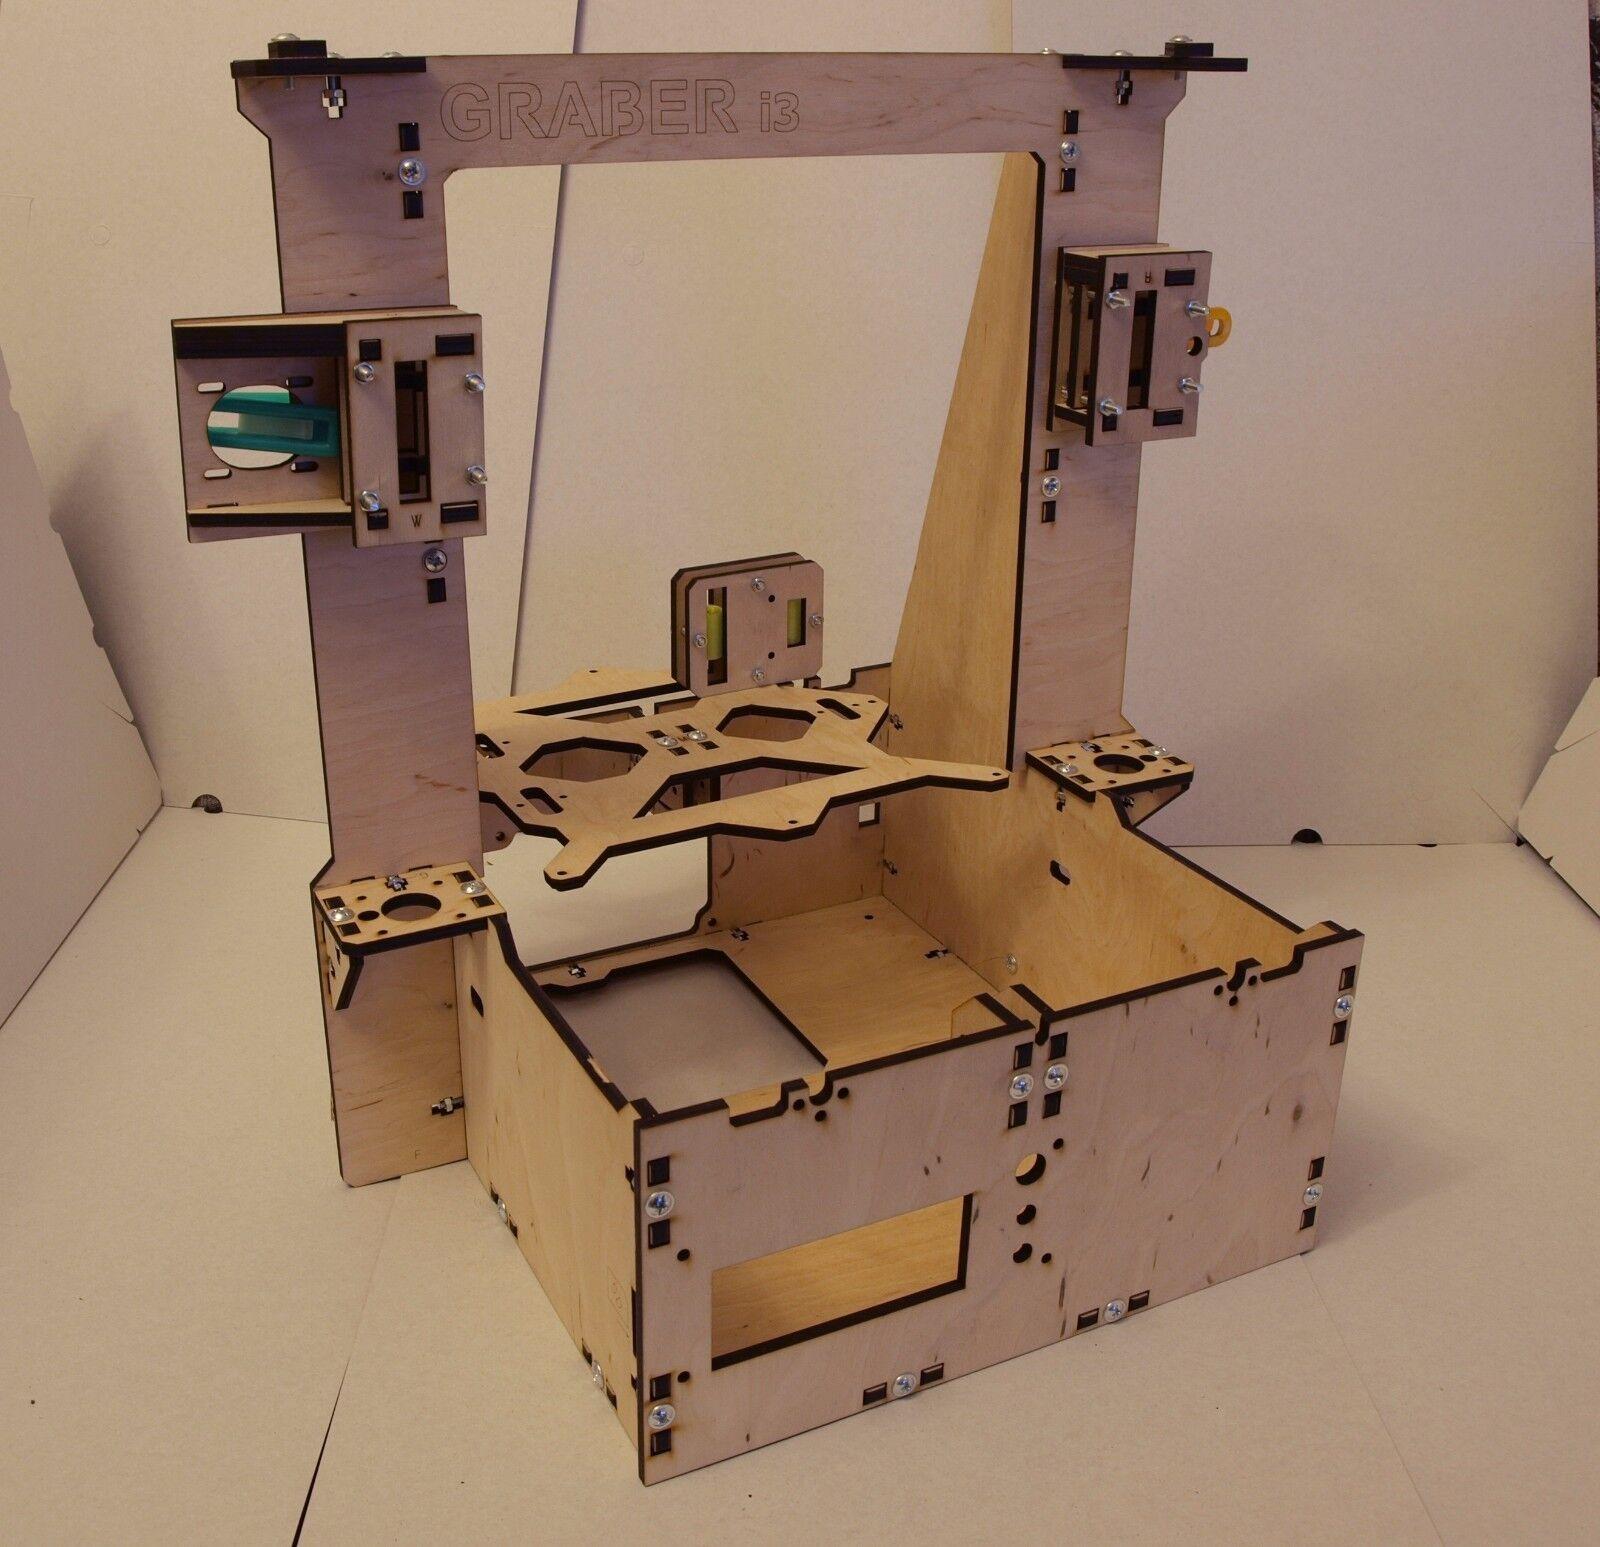 VAT Free Reprap Graber i3 Laser Cut Frame 6 mm in 6mm Plywood 3D Printer Part